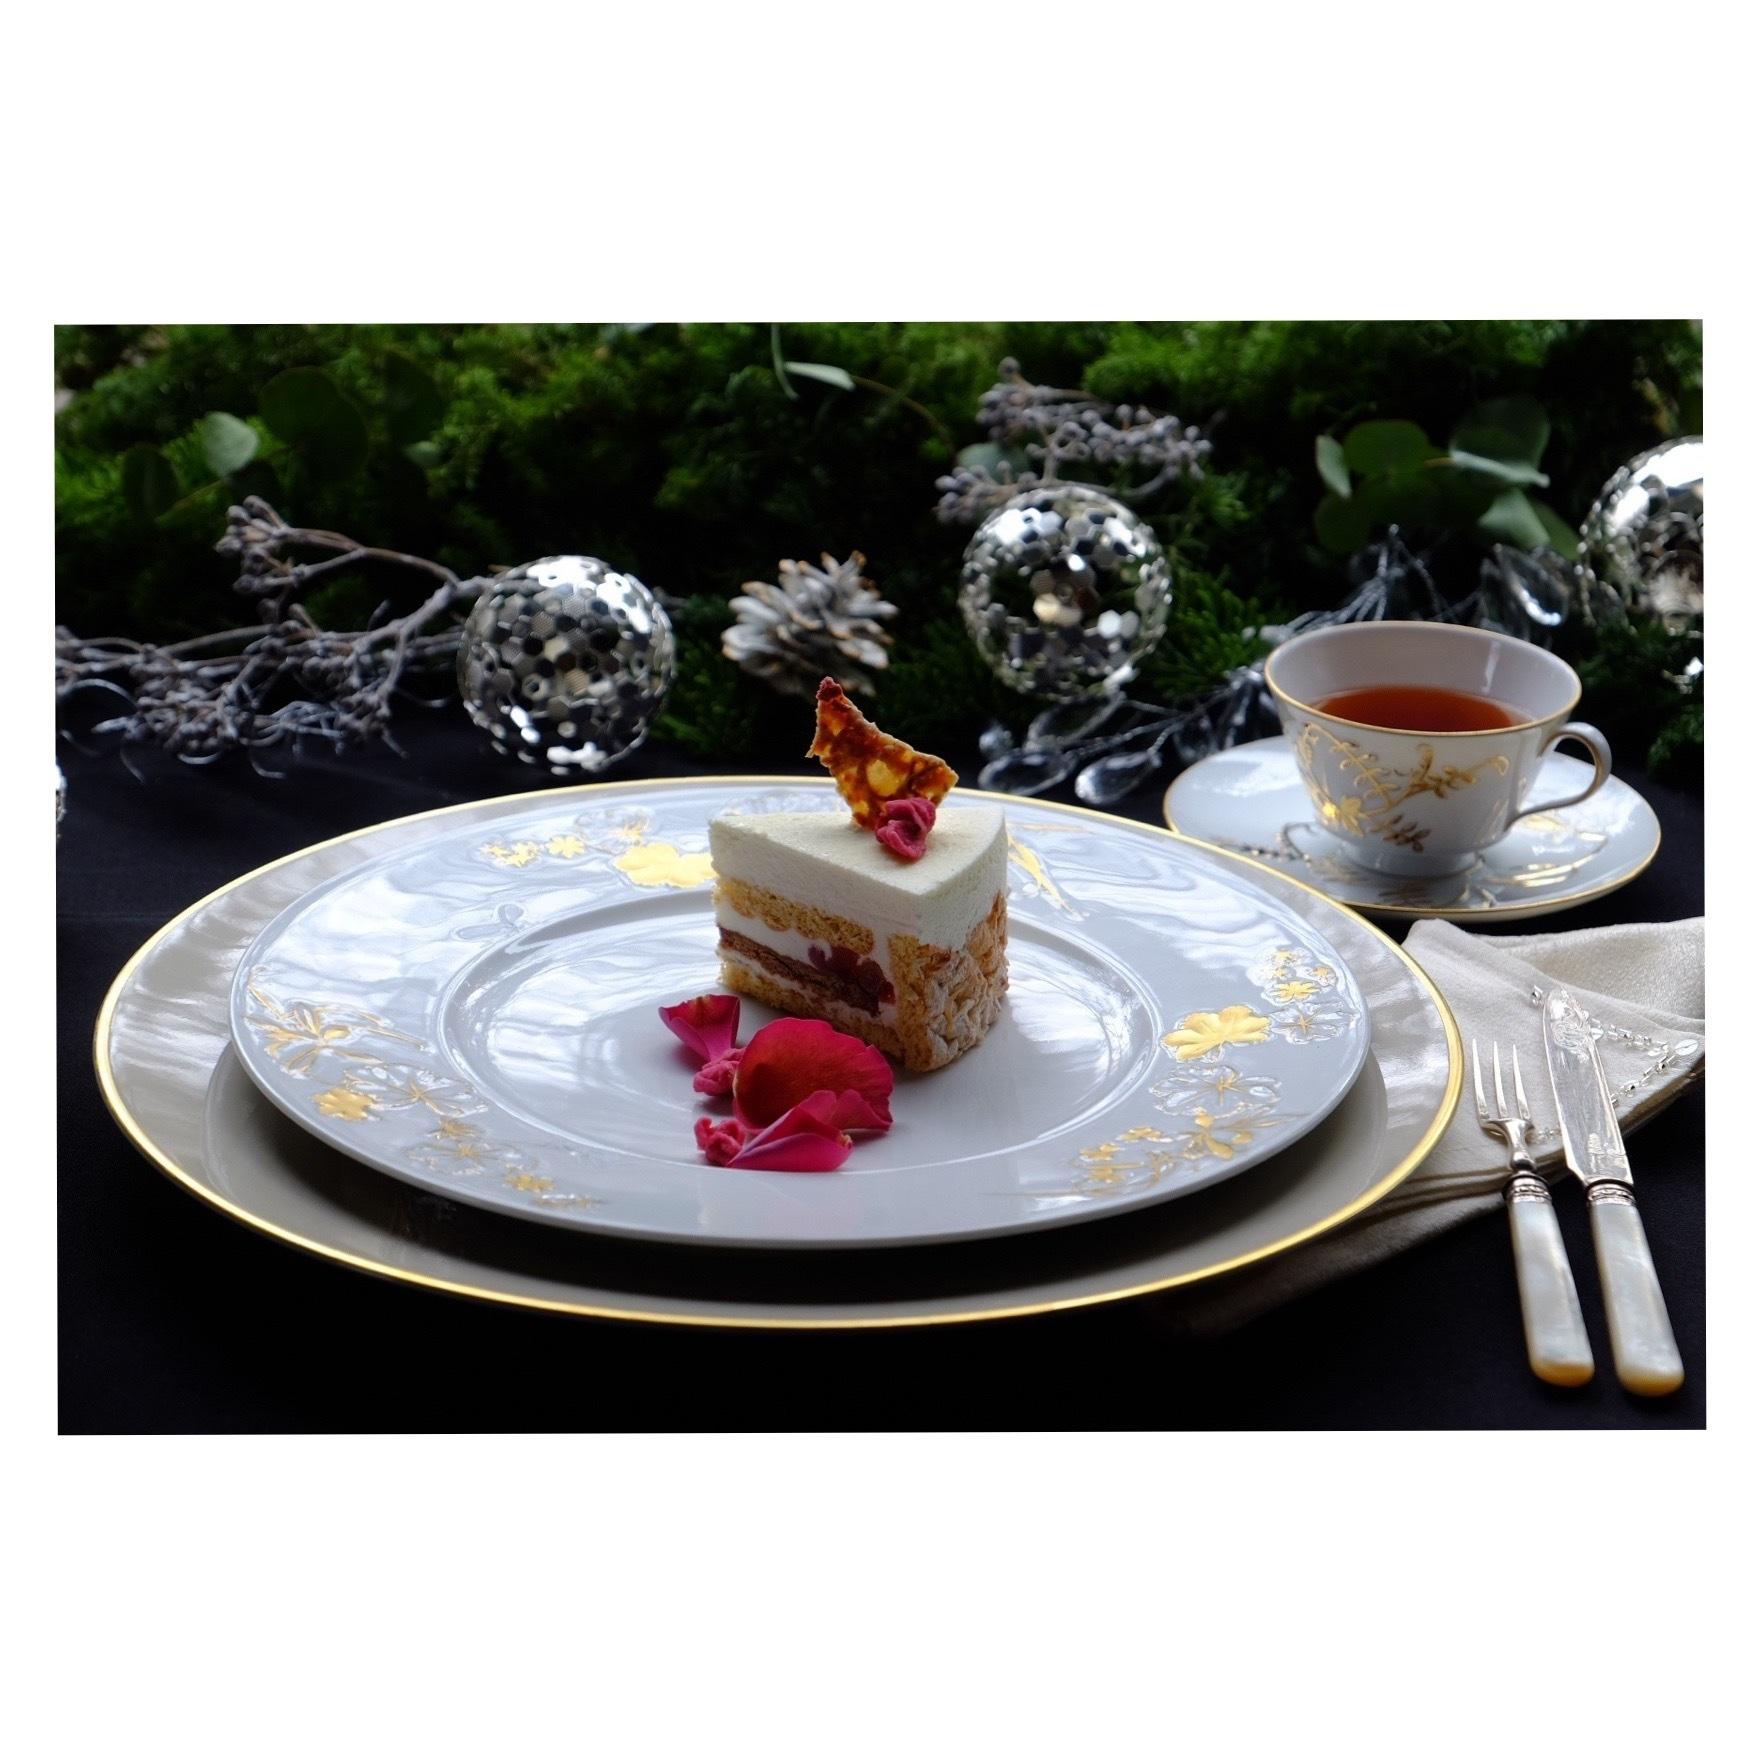 ボンモモンのクリスマスケーキ_a0335867_00312512.jpeg